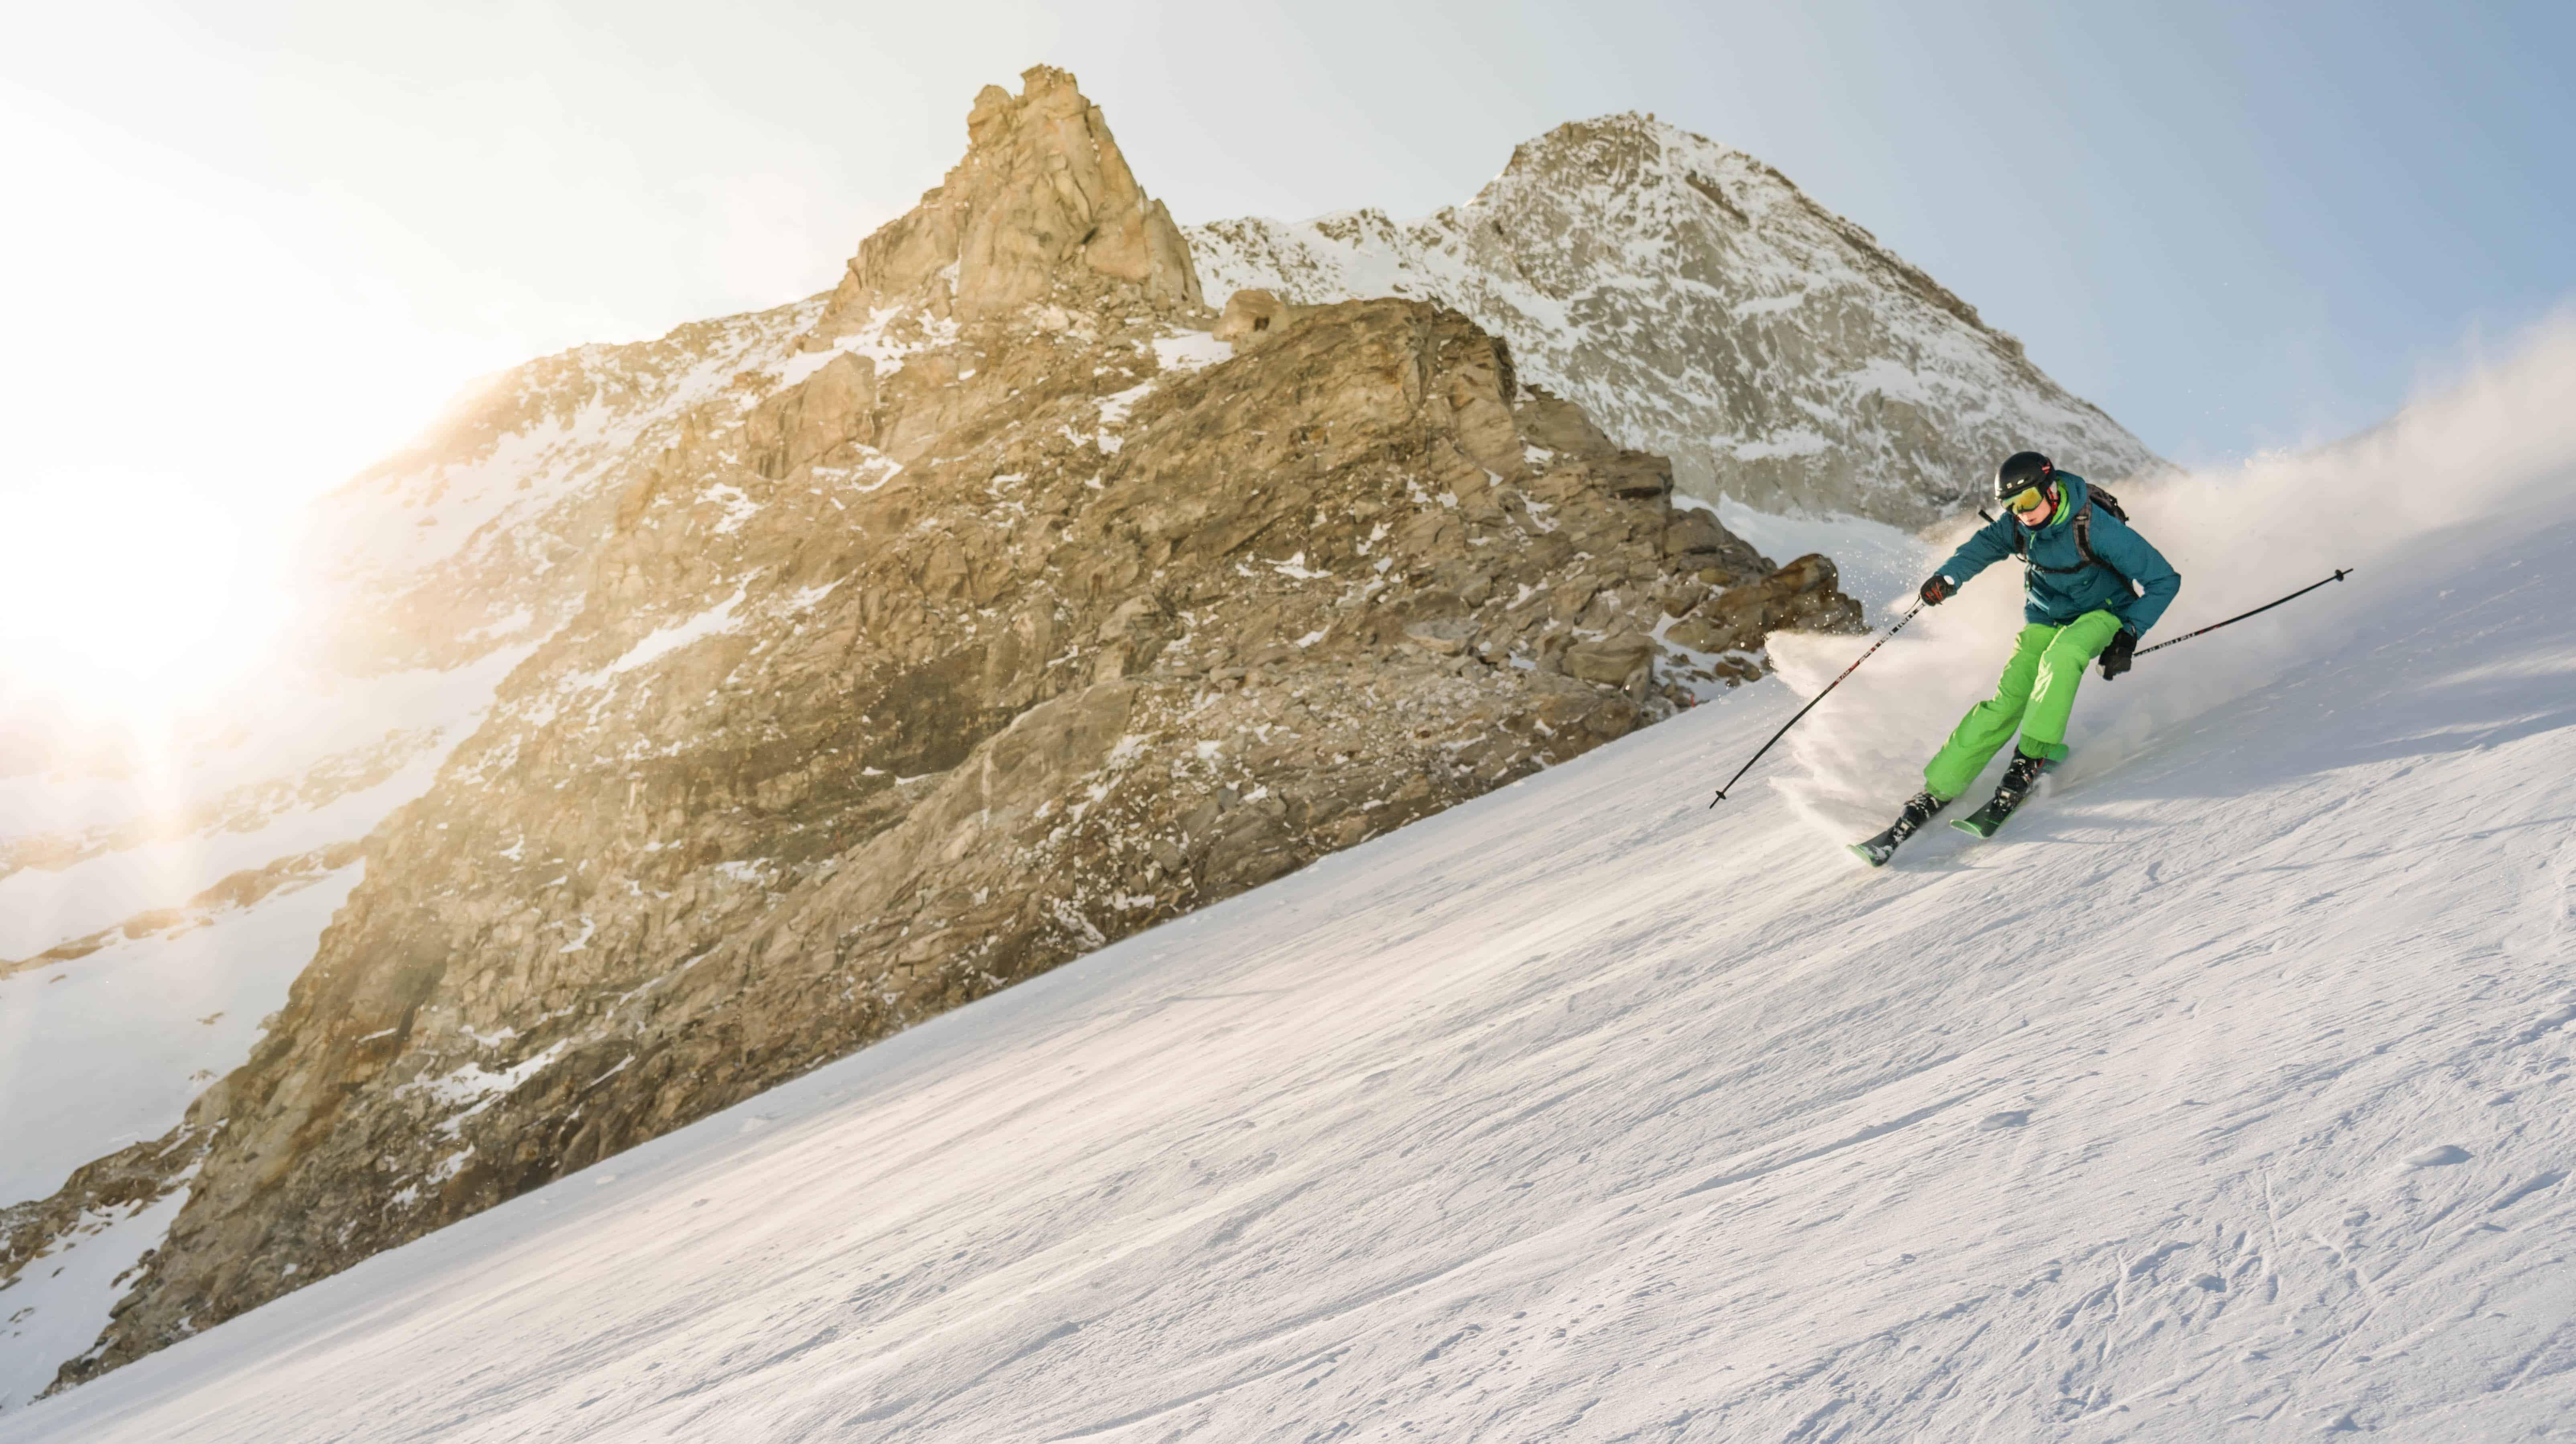 Skijacke: Test & Empfehlungen (01/20)